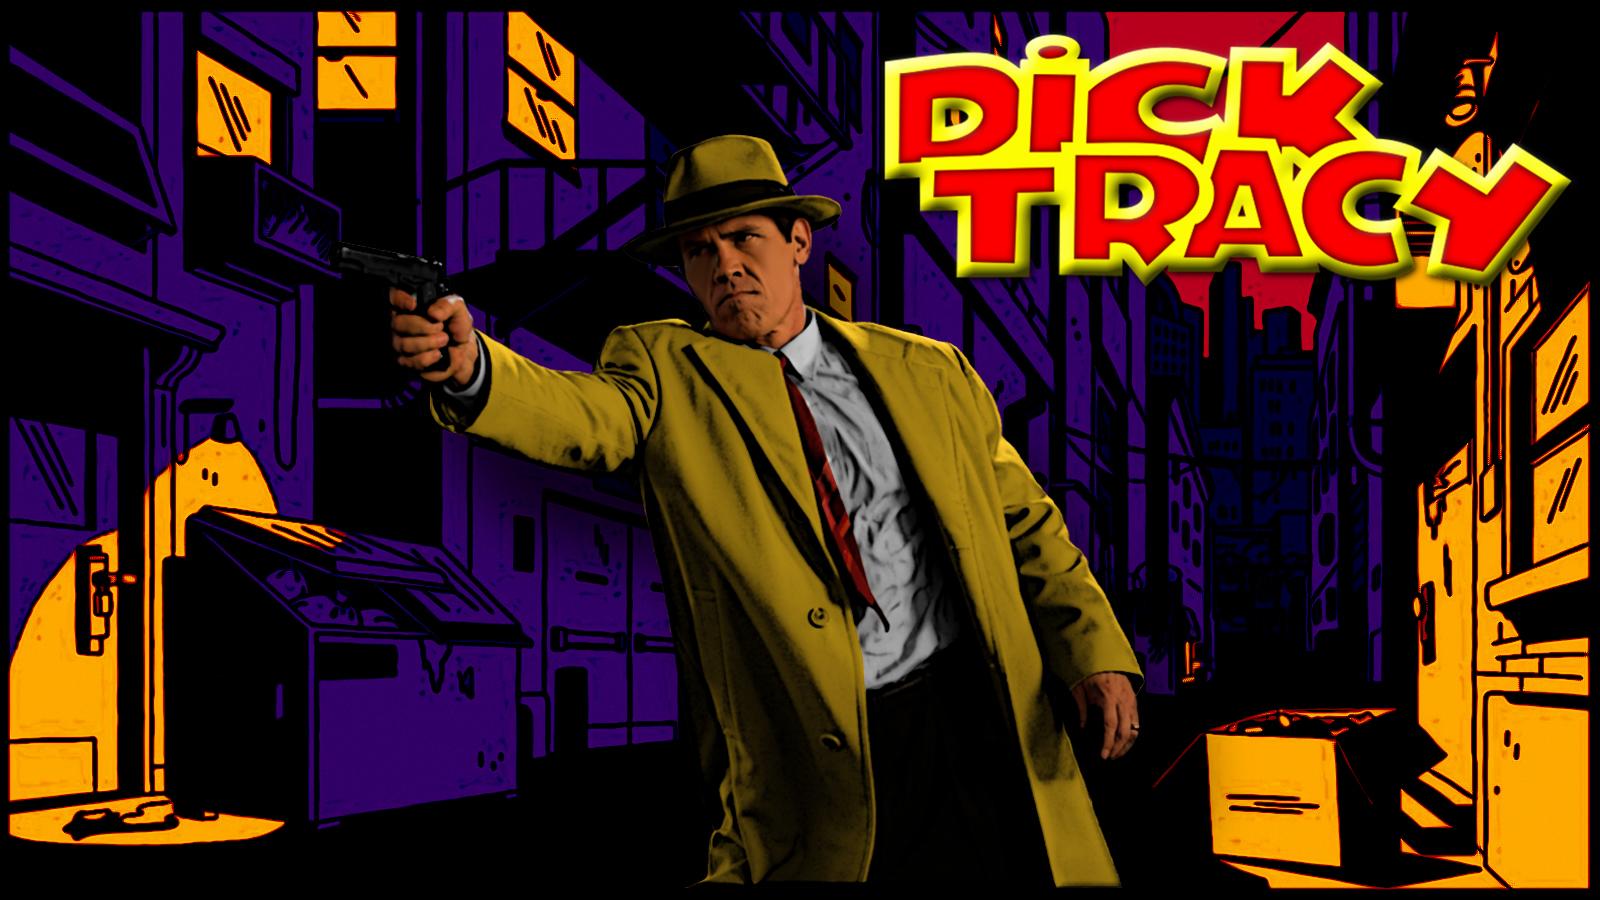 dick-tracy-full-movie